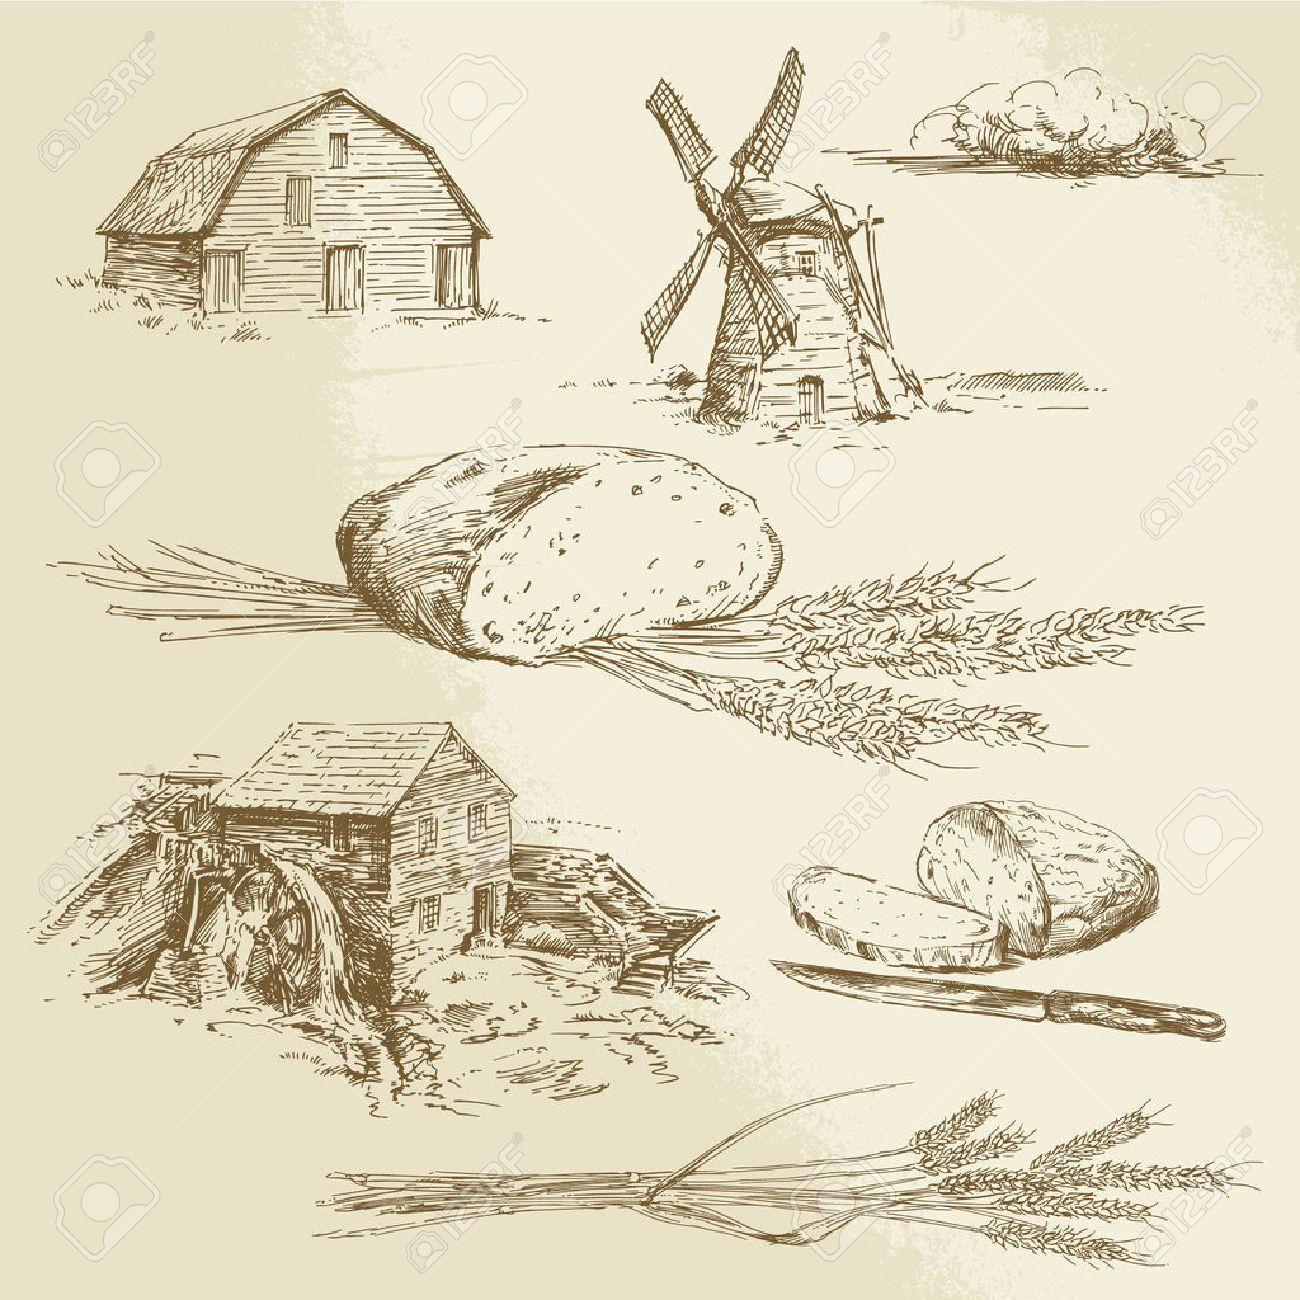 bread, farm - hand drawn illustration - 31366390